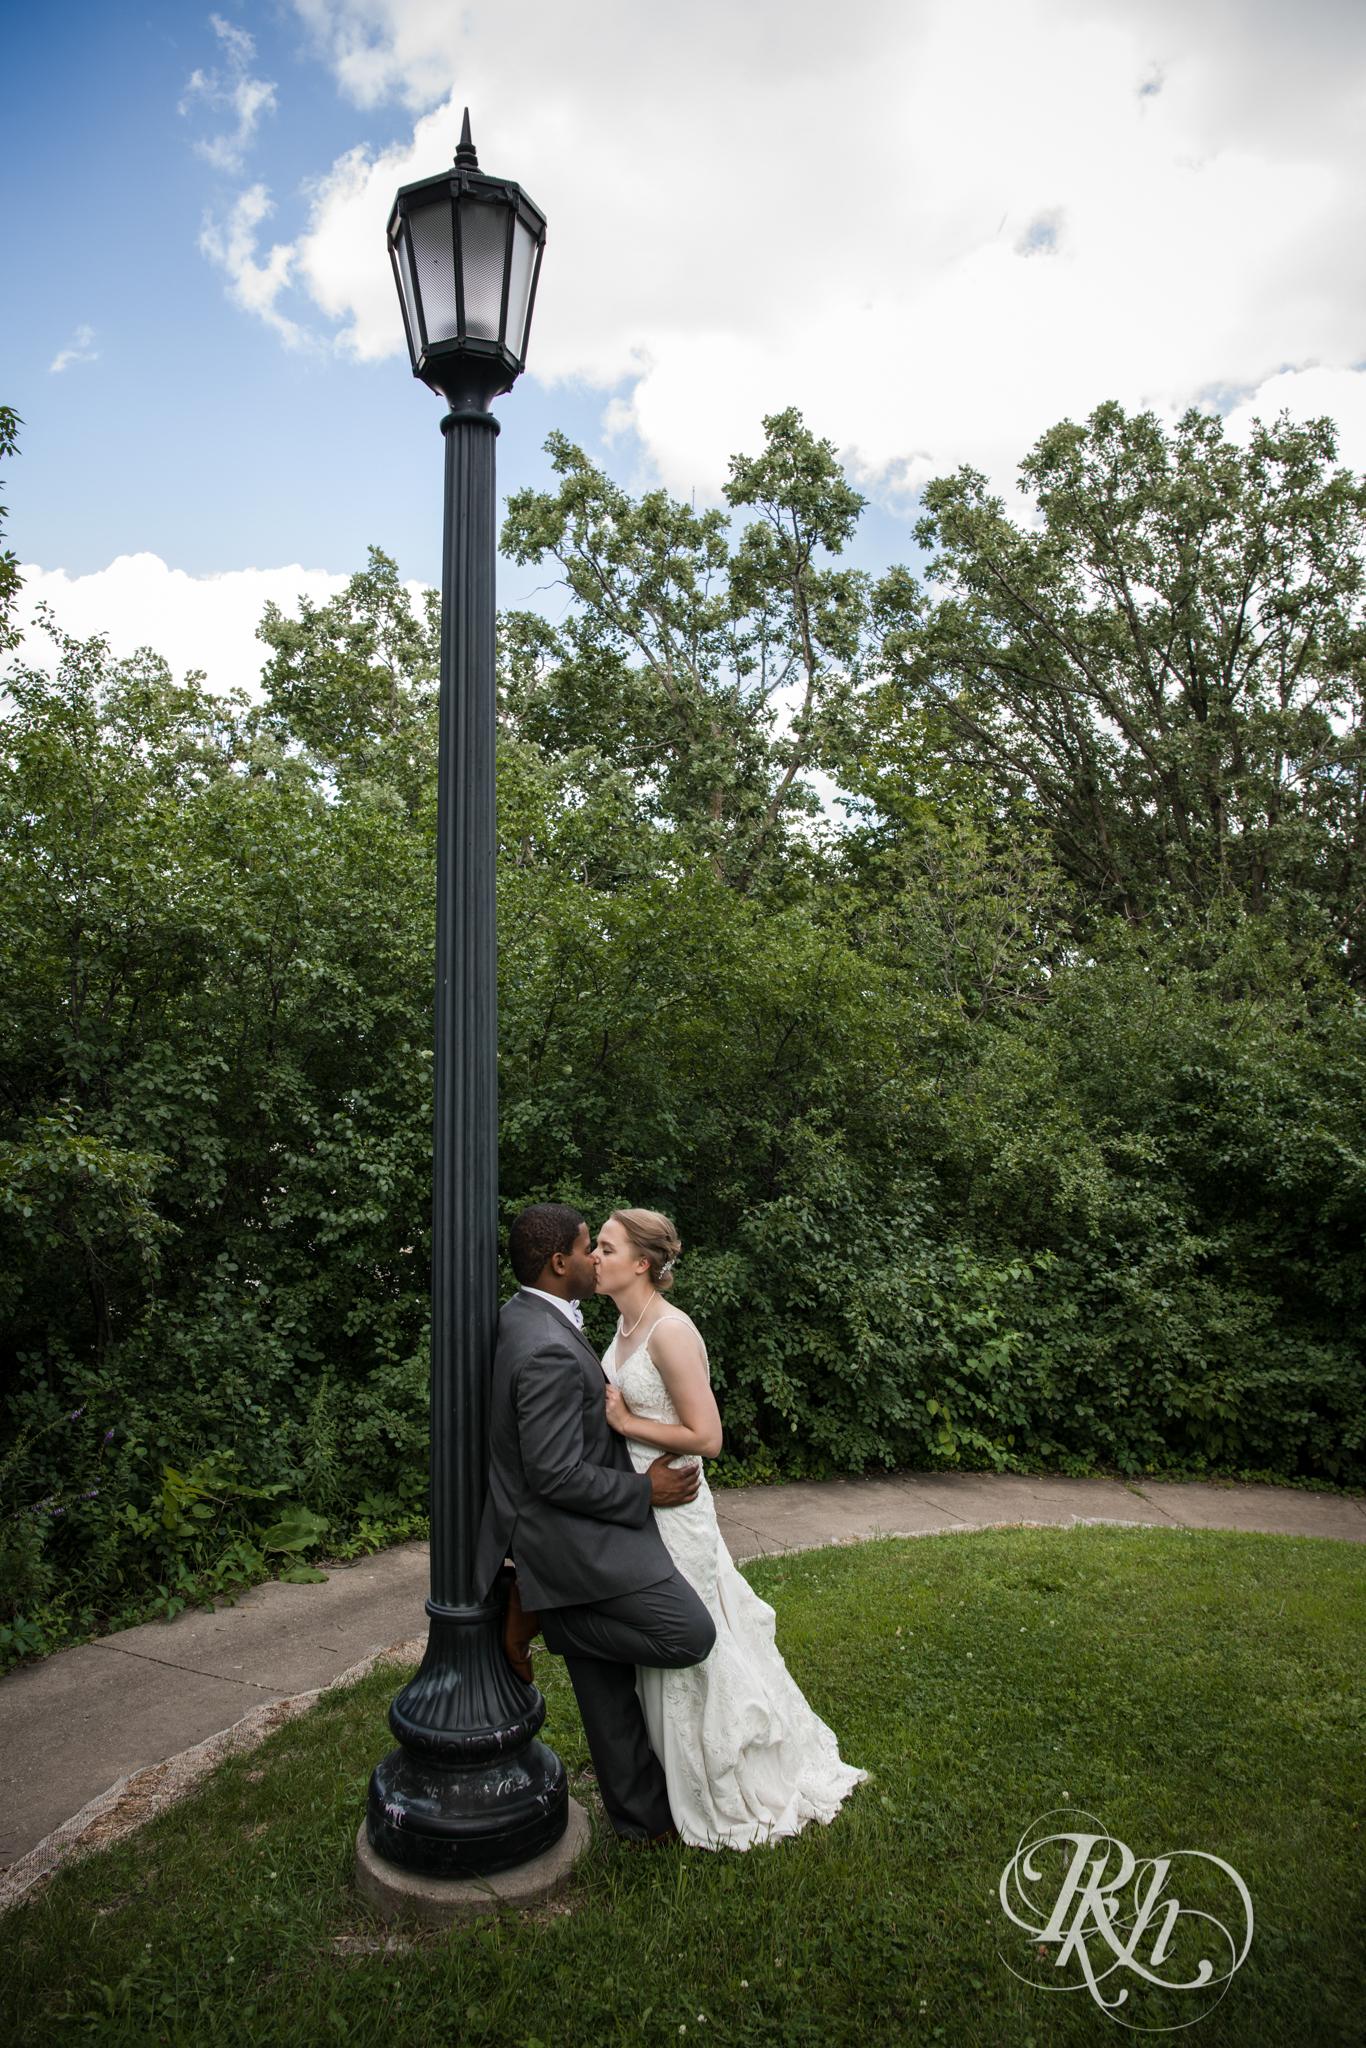 Laura and Adekunle - Minnesota Wedding Photographer - Minnesota History Center - RKH Images - Blog (32 of 75).jpg